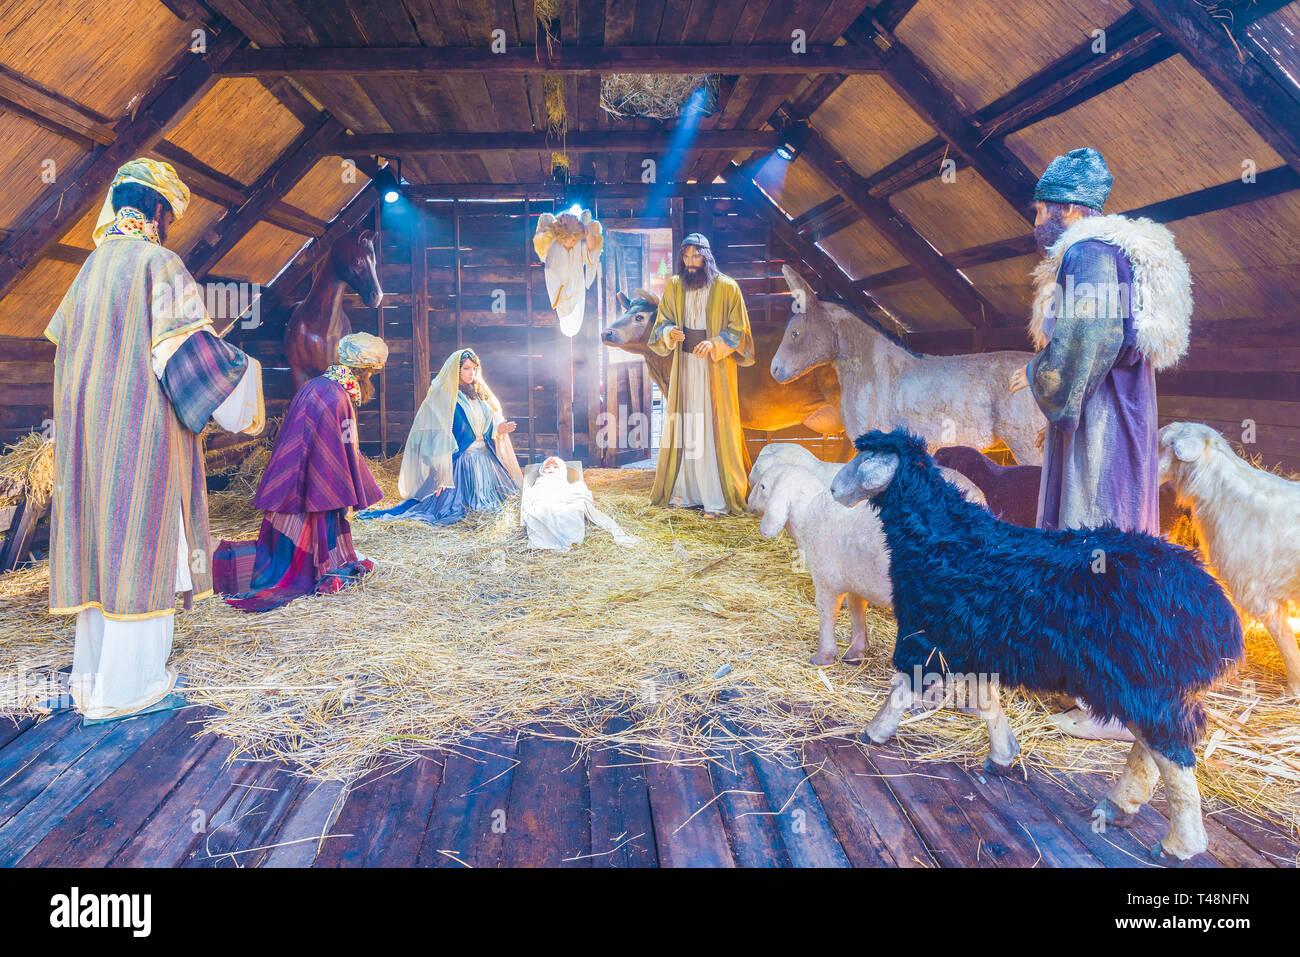 932c10b12318 Bucarest, Romania - 25 dicembre 2017: Natale in scena con tre saggi  presentando doni